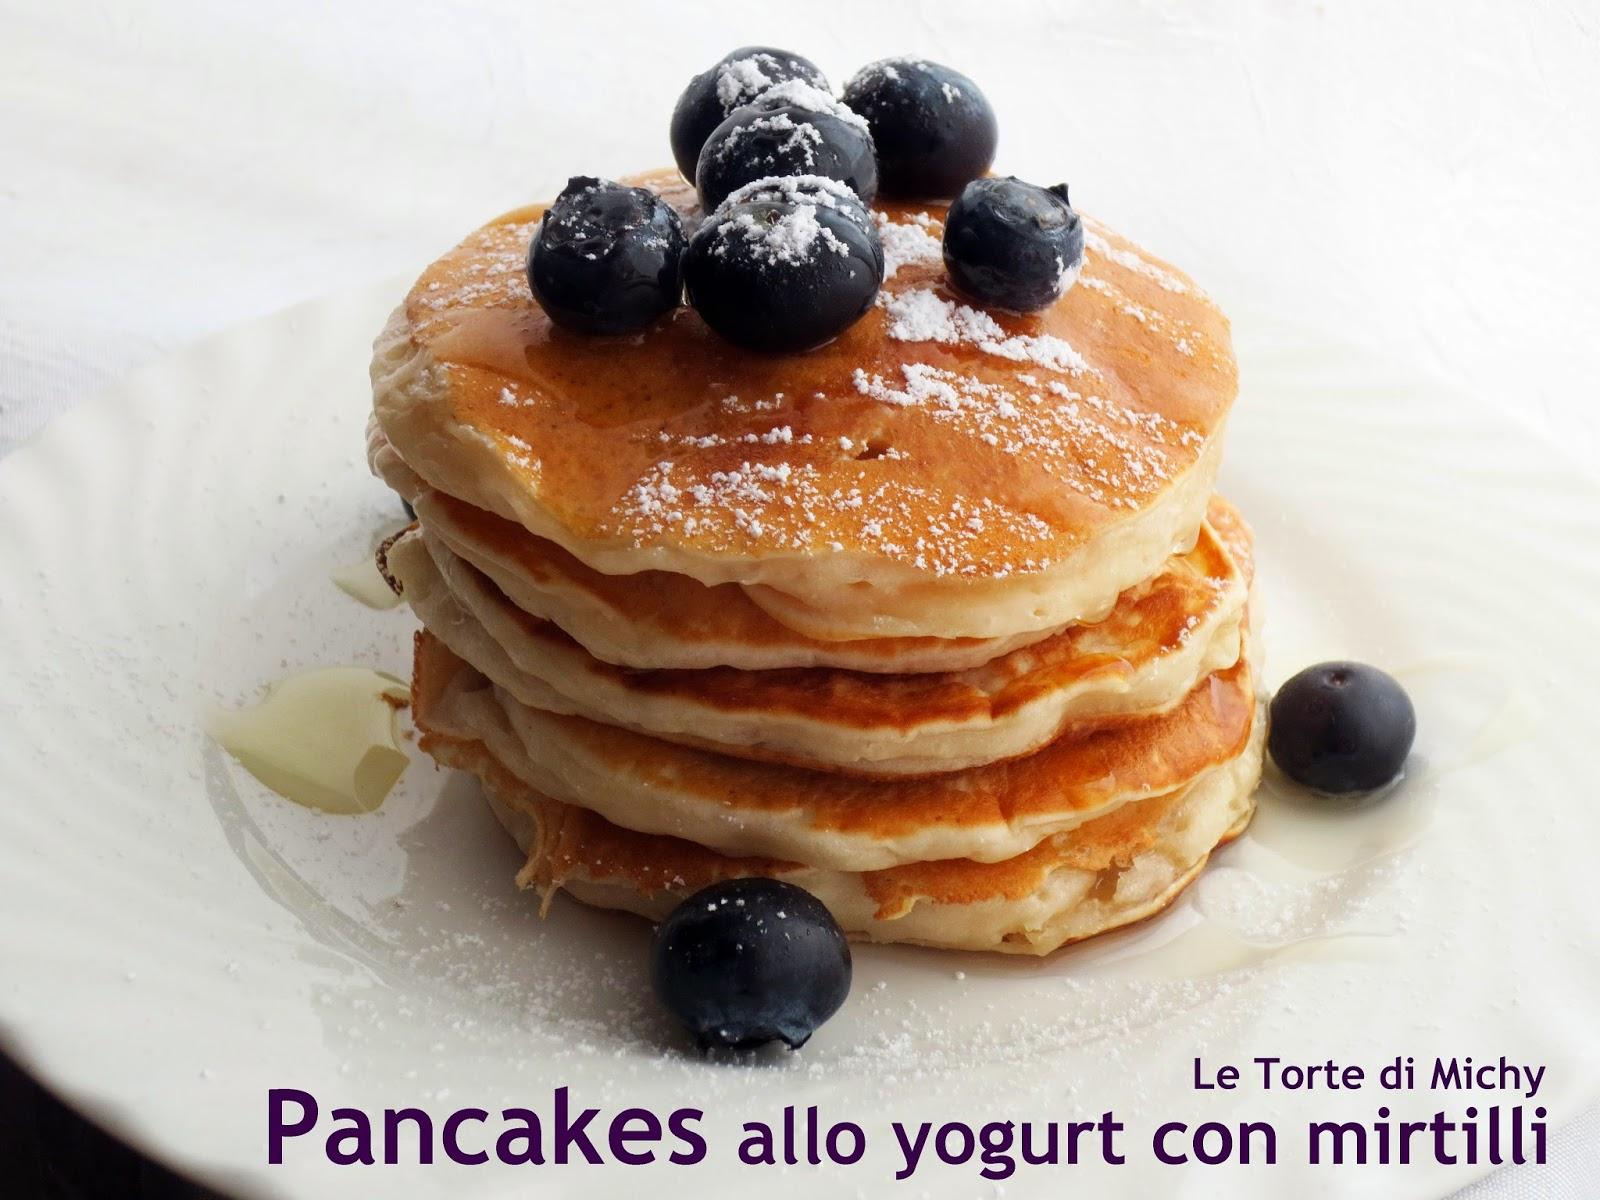 sito di incontri svedesi pancake